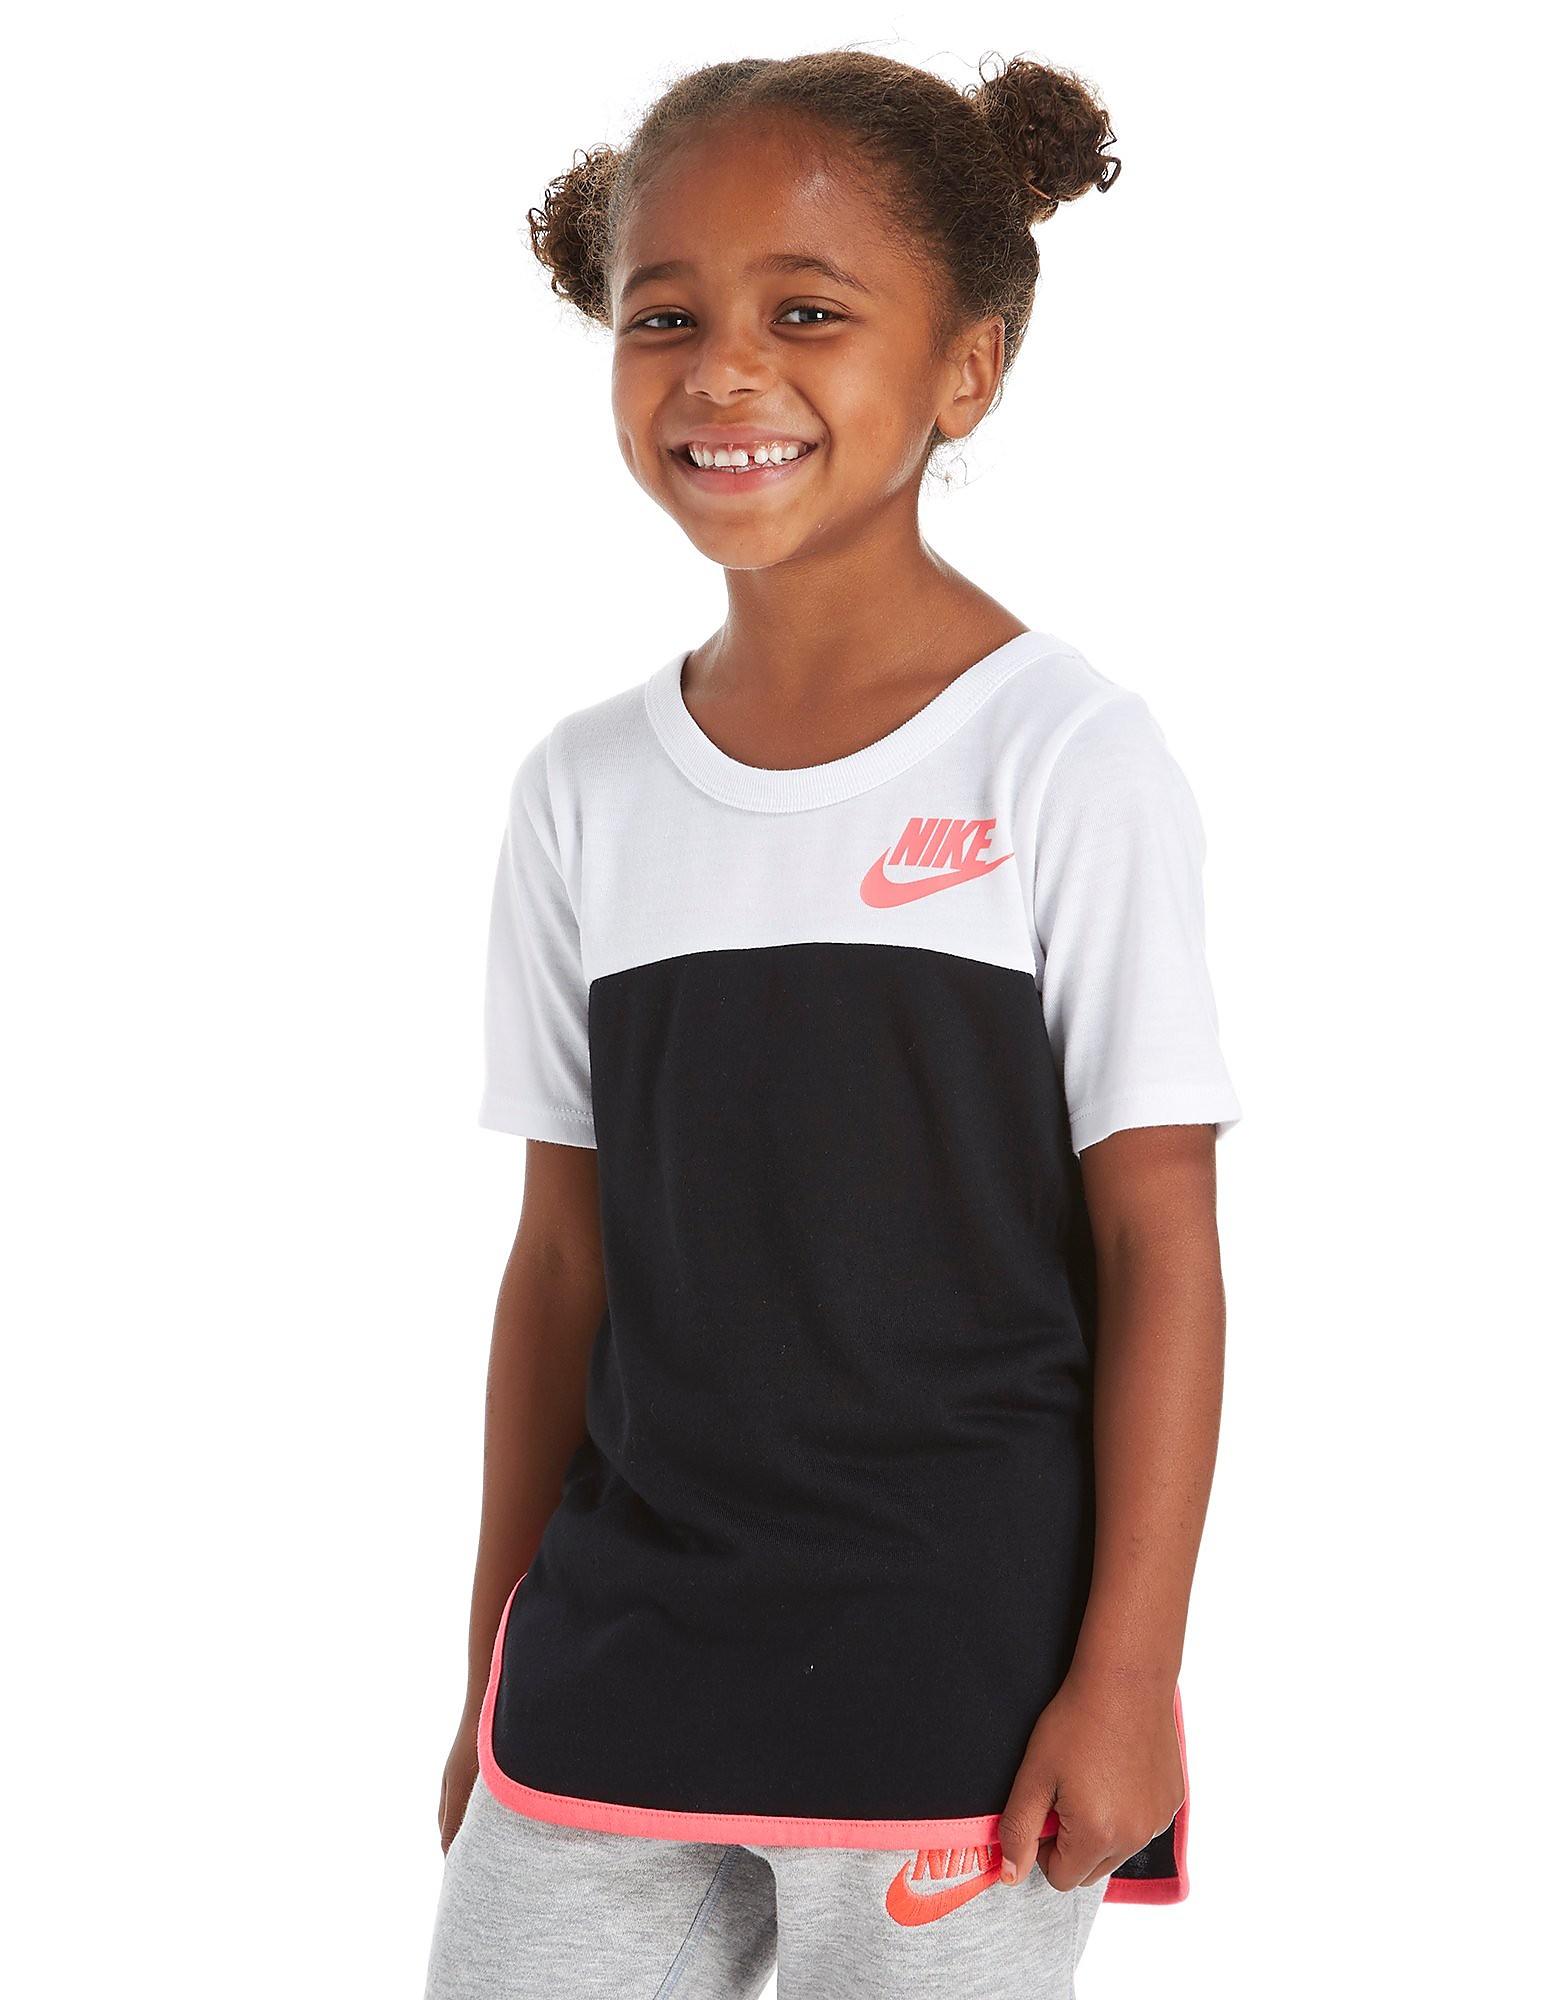 Nike Girls' Prep T-Shirt Children